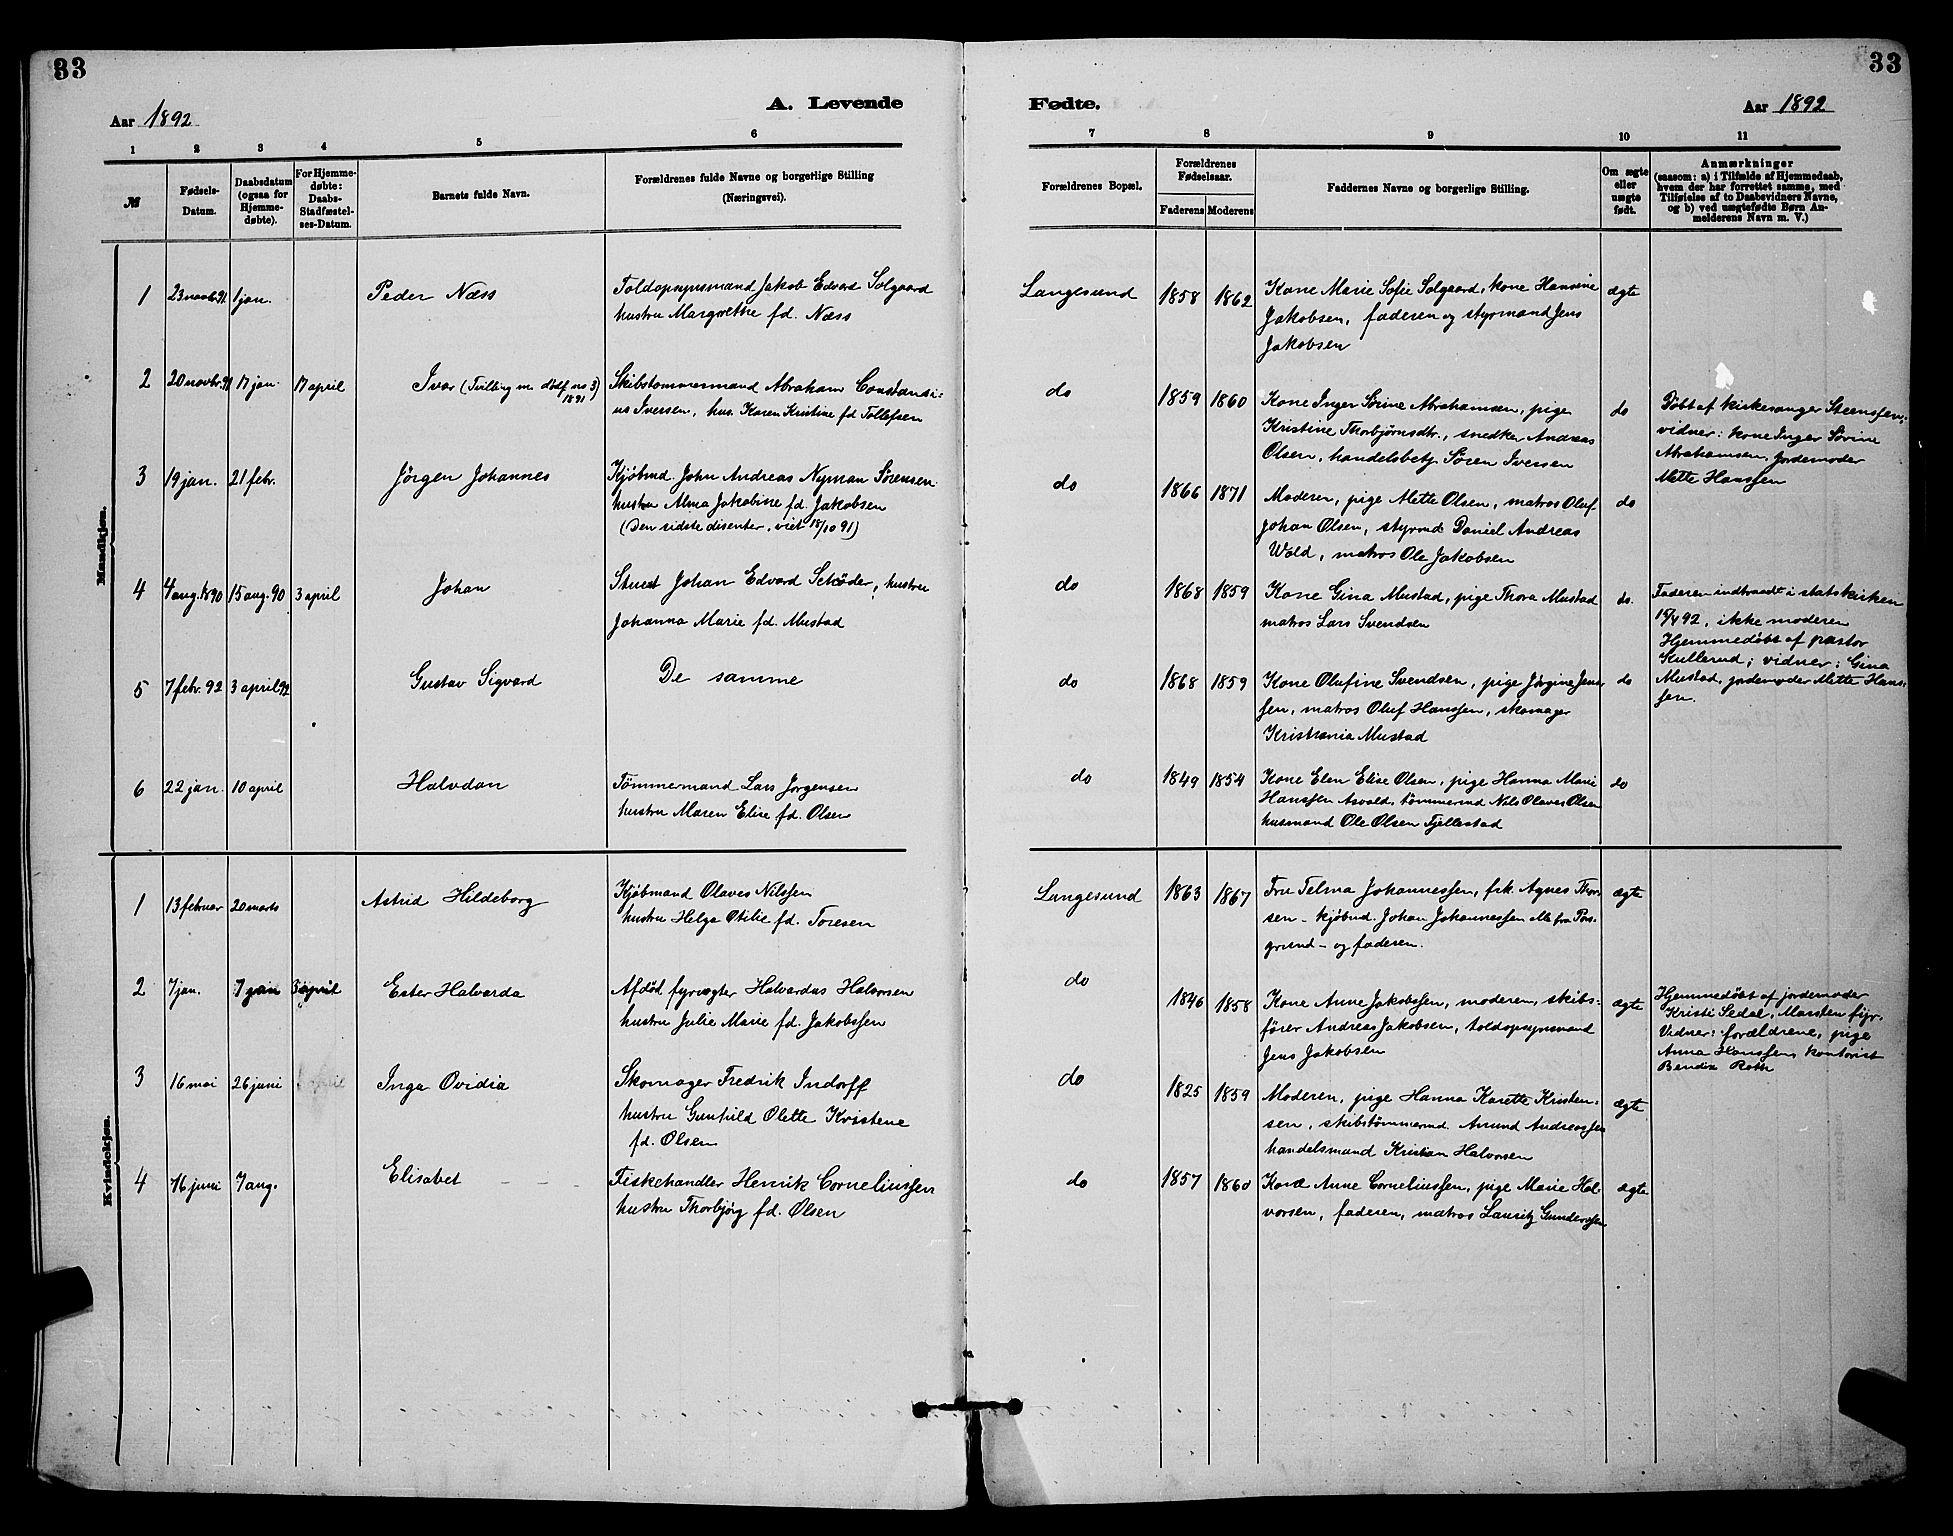 SAKO, Langesund kirkebøker, G/Ga/L0005: Klokkerbok nr. 5, 1884-1898, s. 33